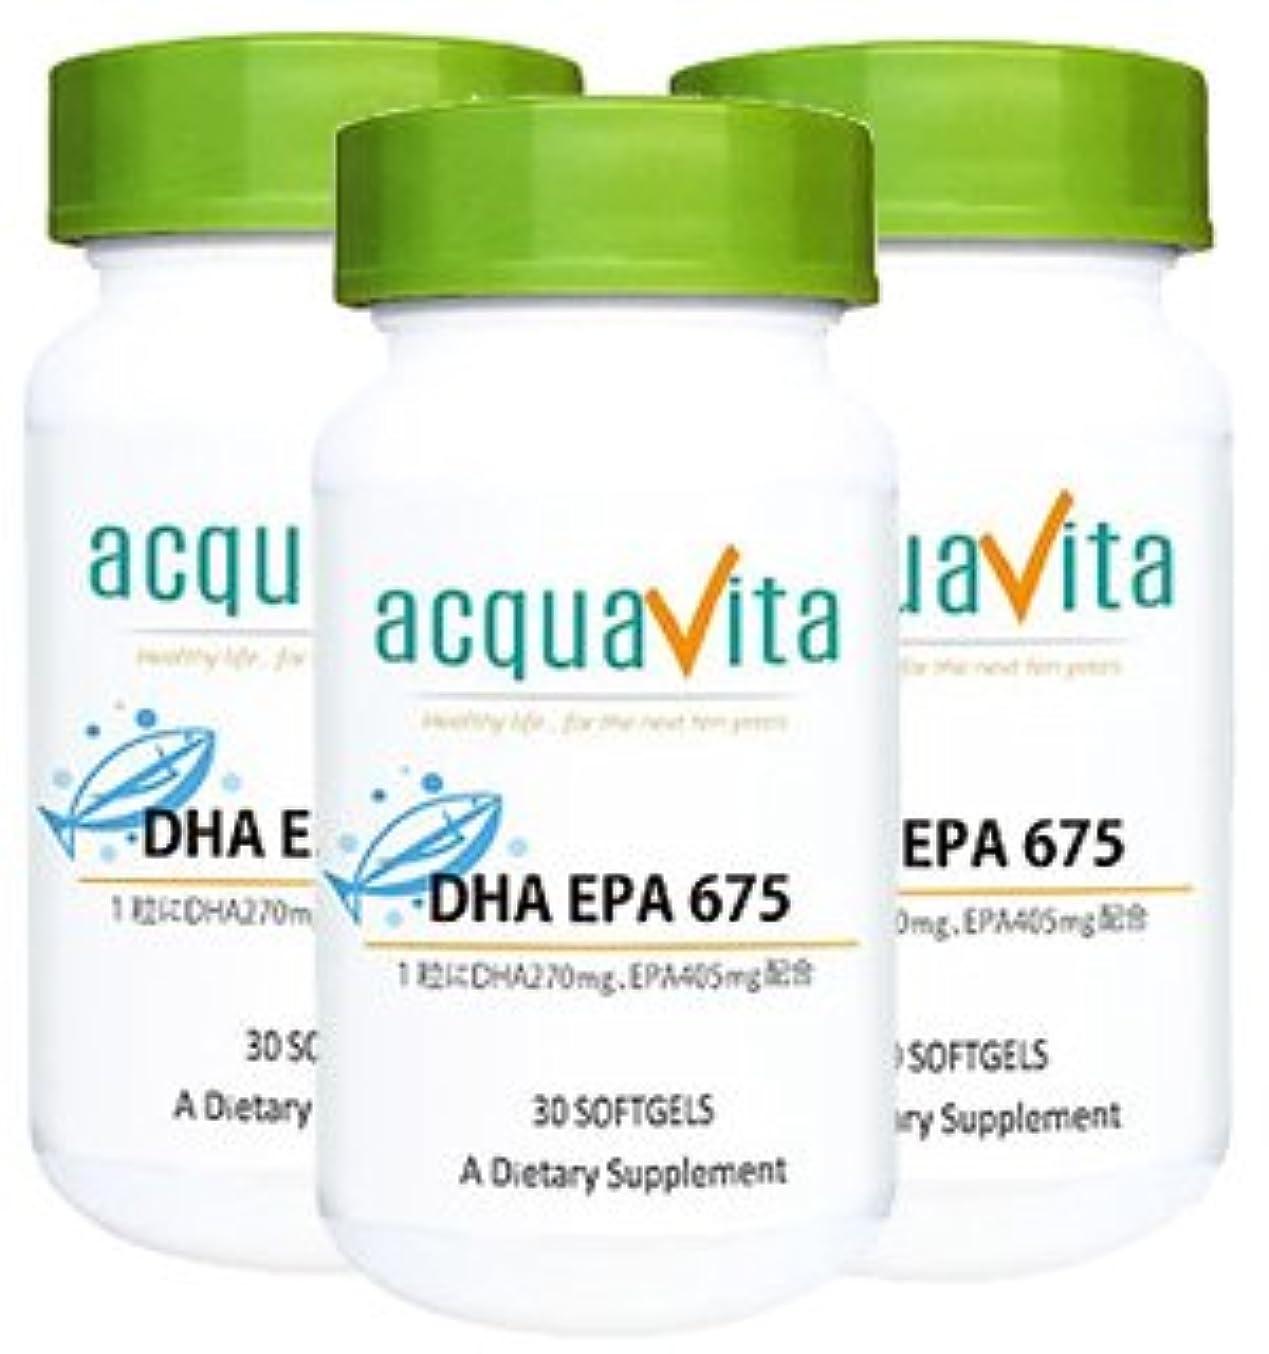 分子廃止する速報アクアヴィータ DHA?EPA675 30粒(アクアビータ?Acquavita)【3本セット】